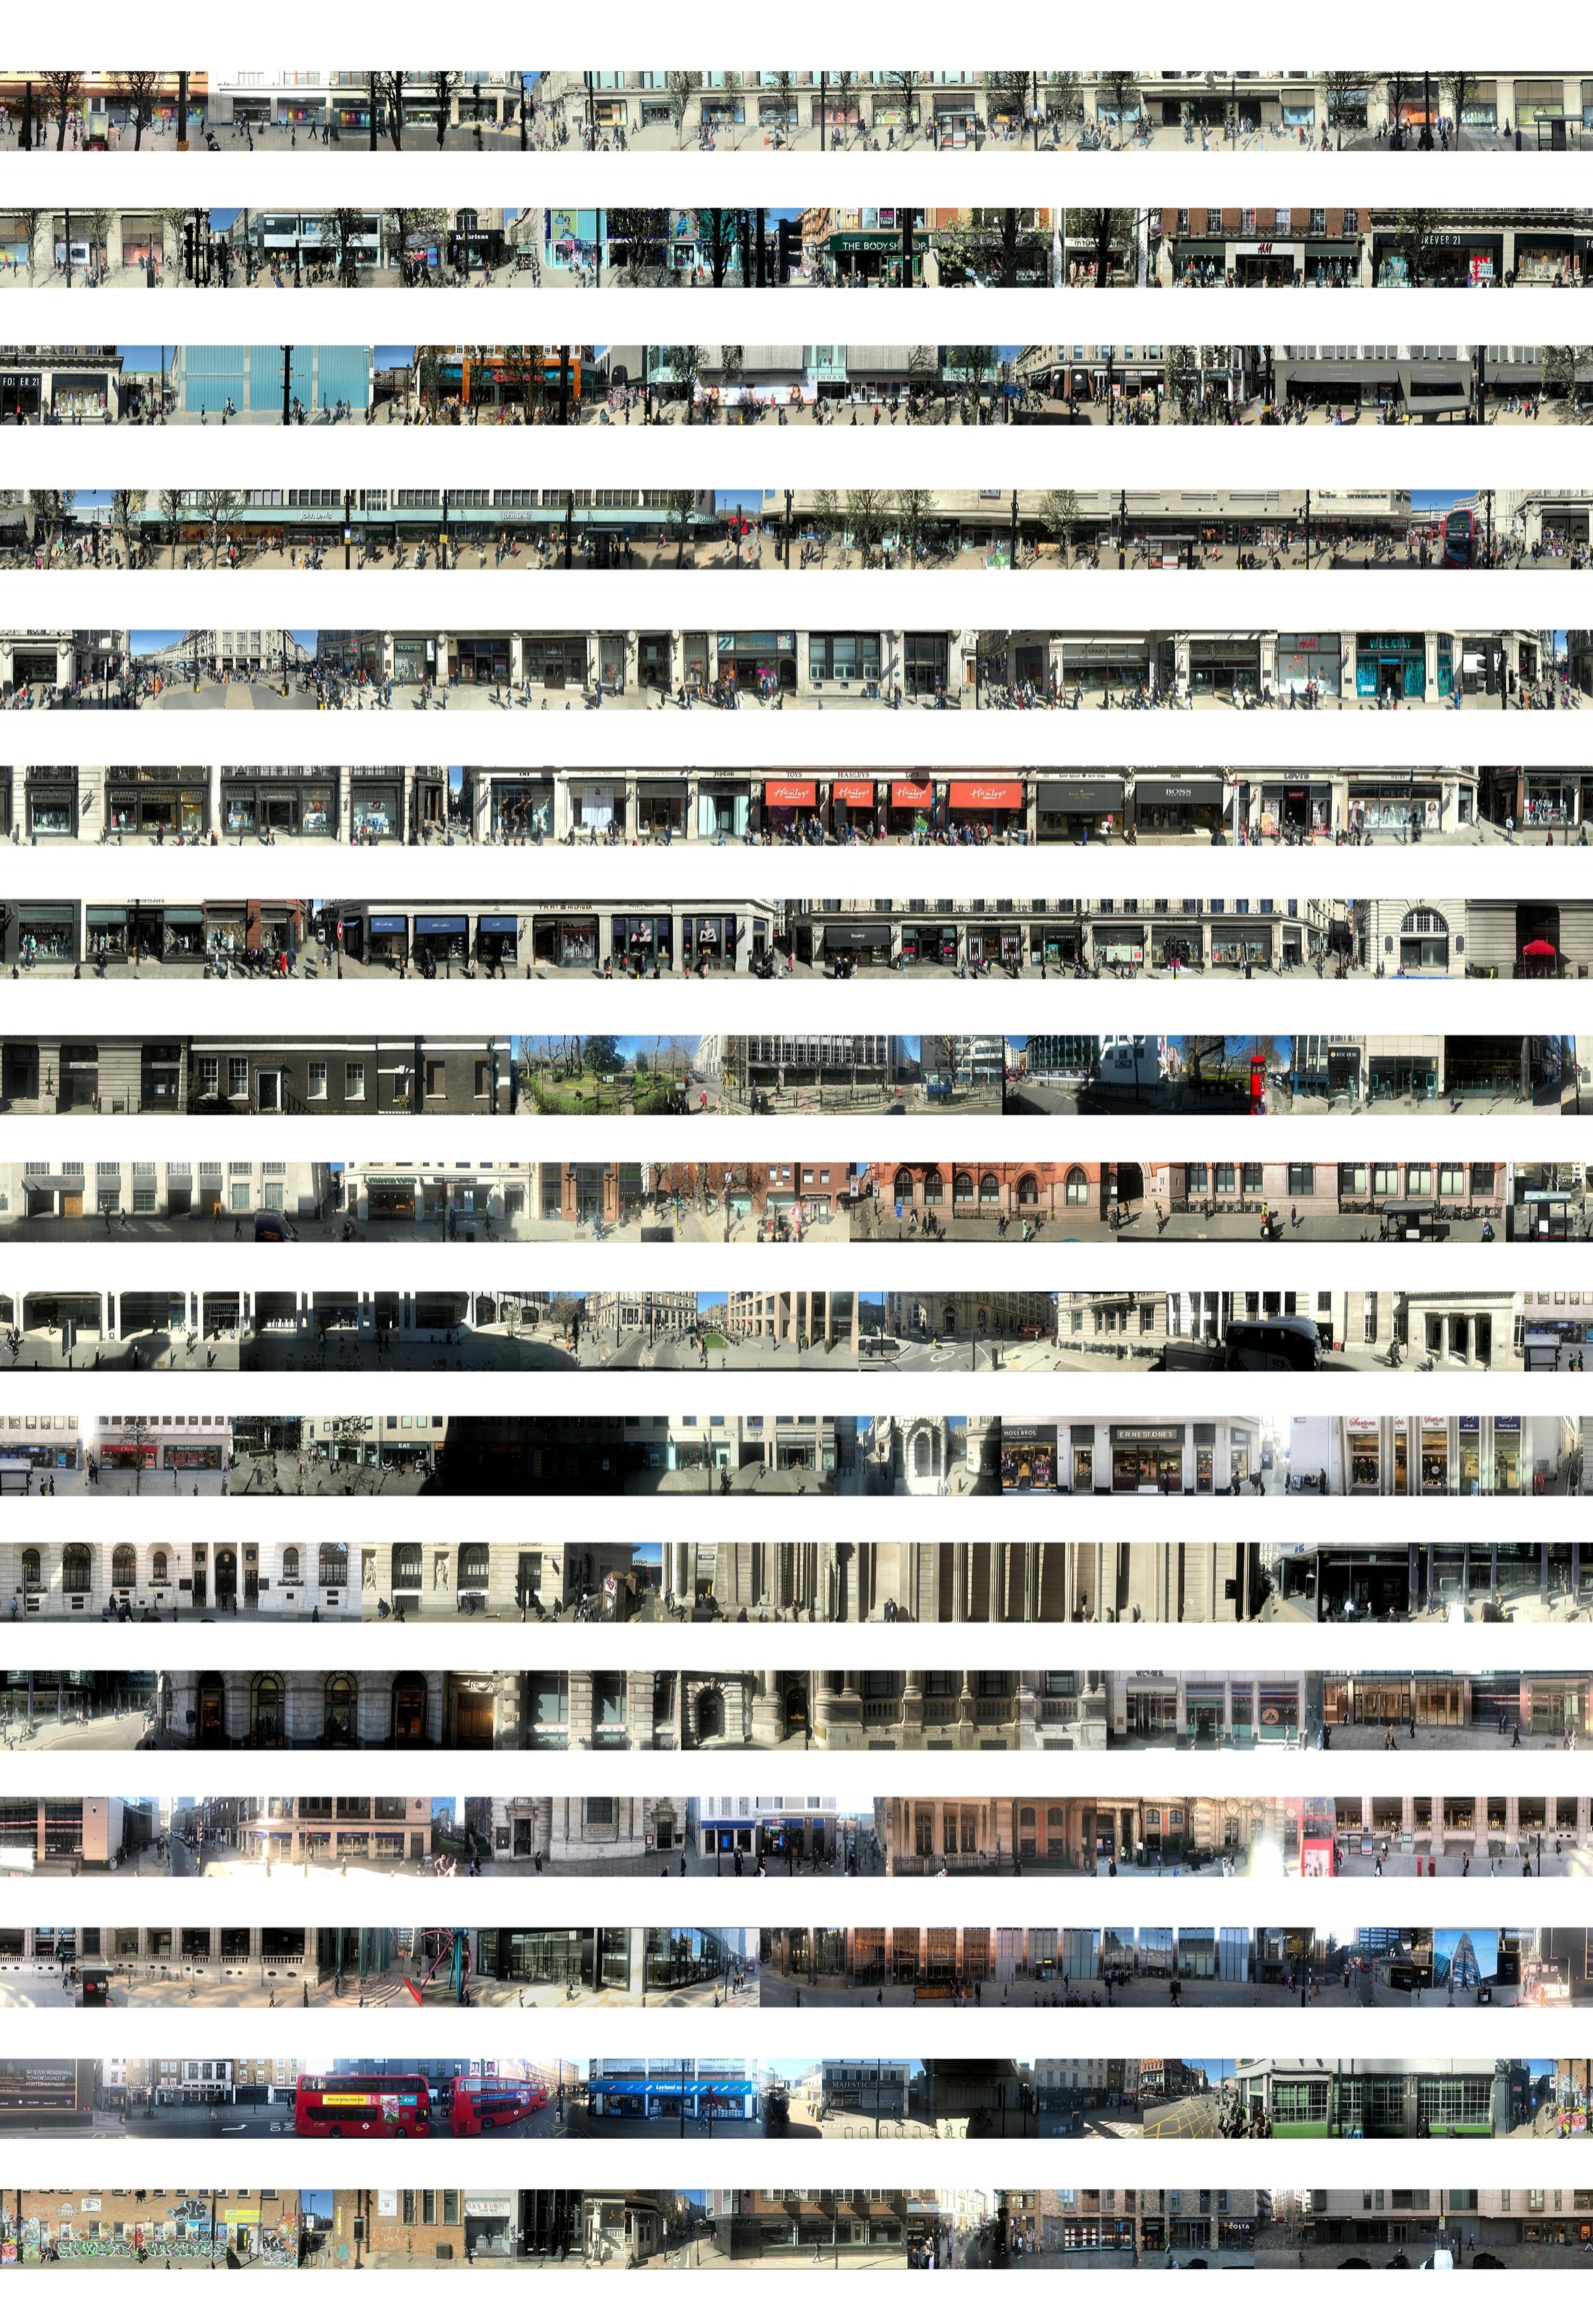 Bus-Panorama1.jpg